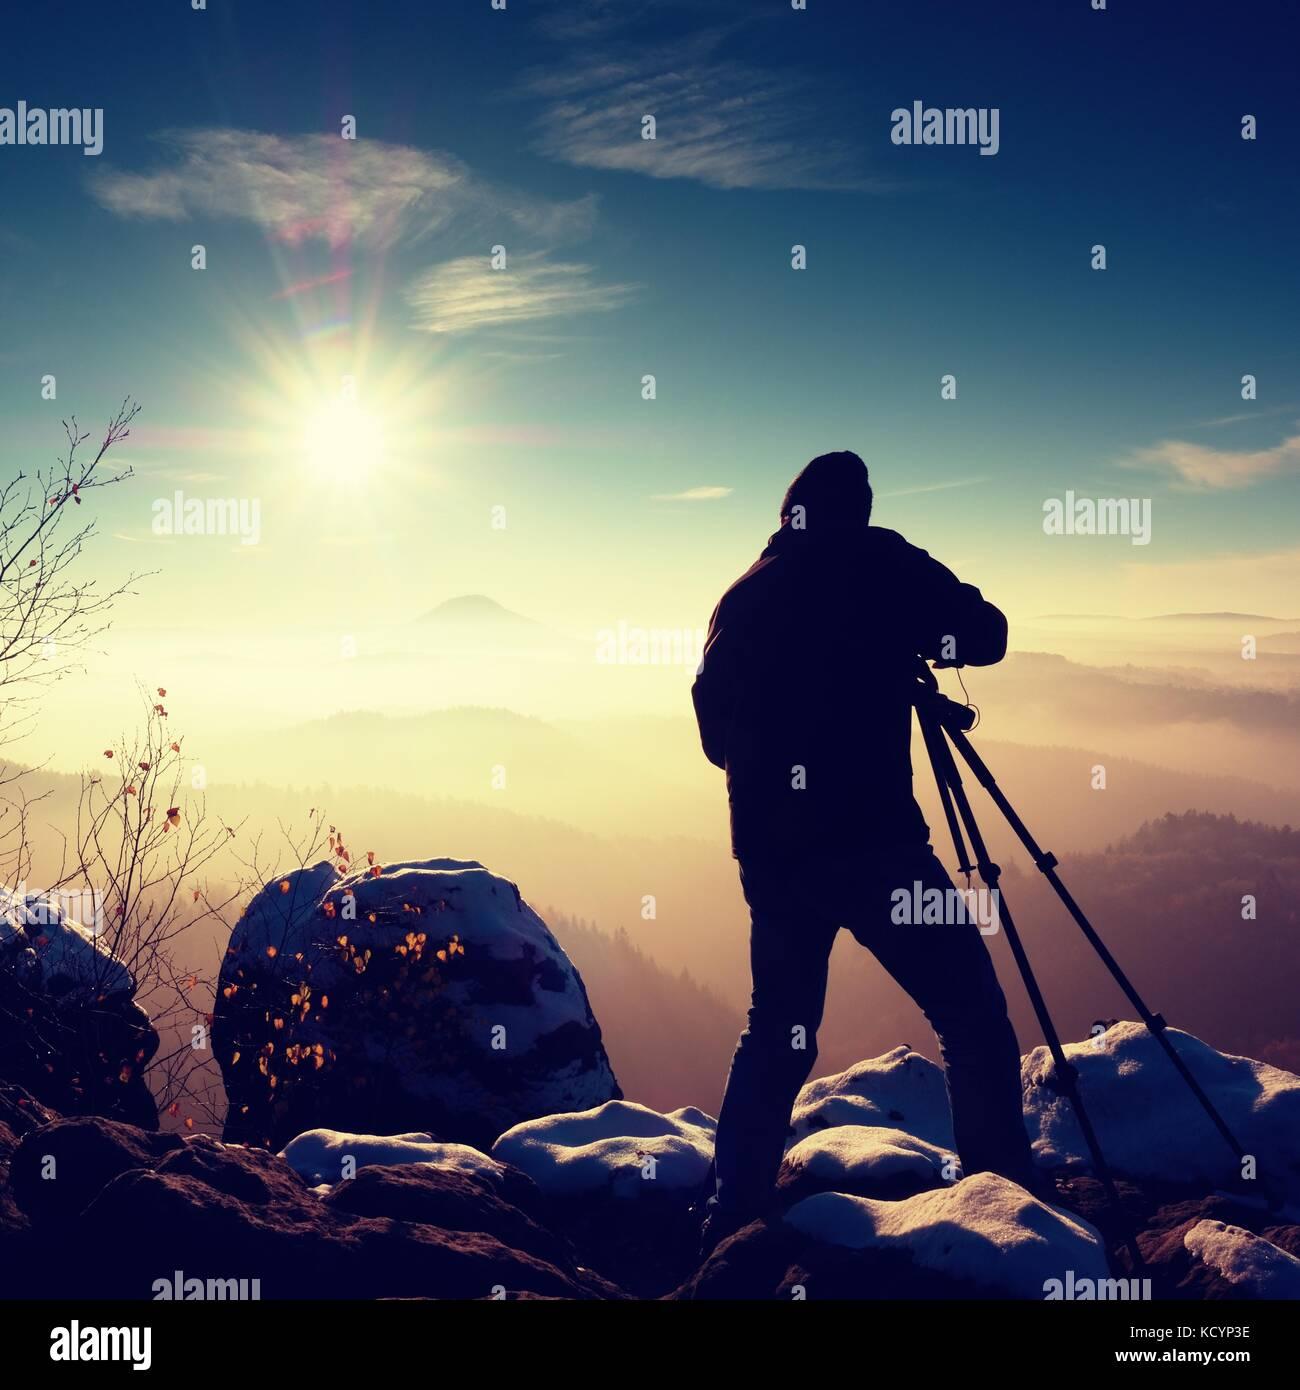 Professioneller Fotograf nimmt Bild von Freeze herbstliche Tagesanbruch, Felsen, bedeckt mit frischem Pulverschnee. Stockbild